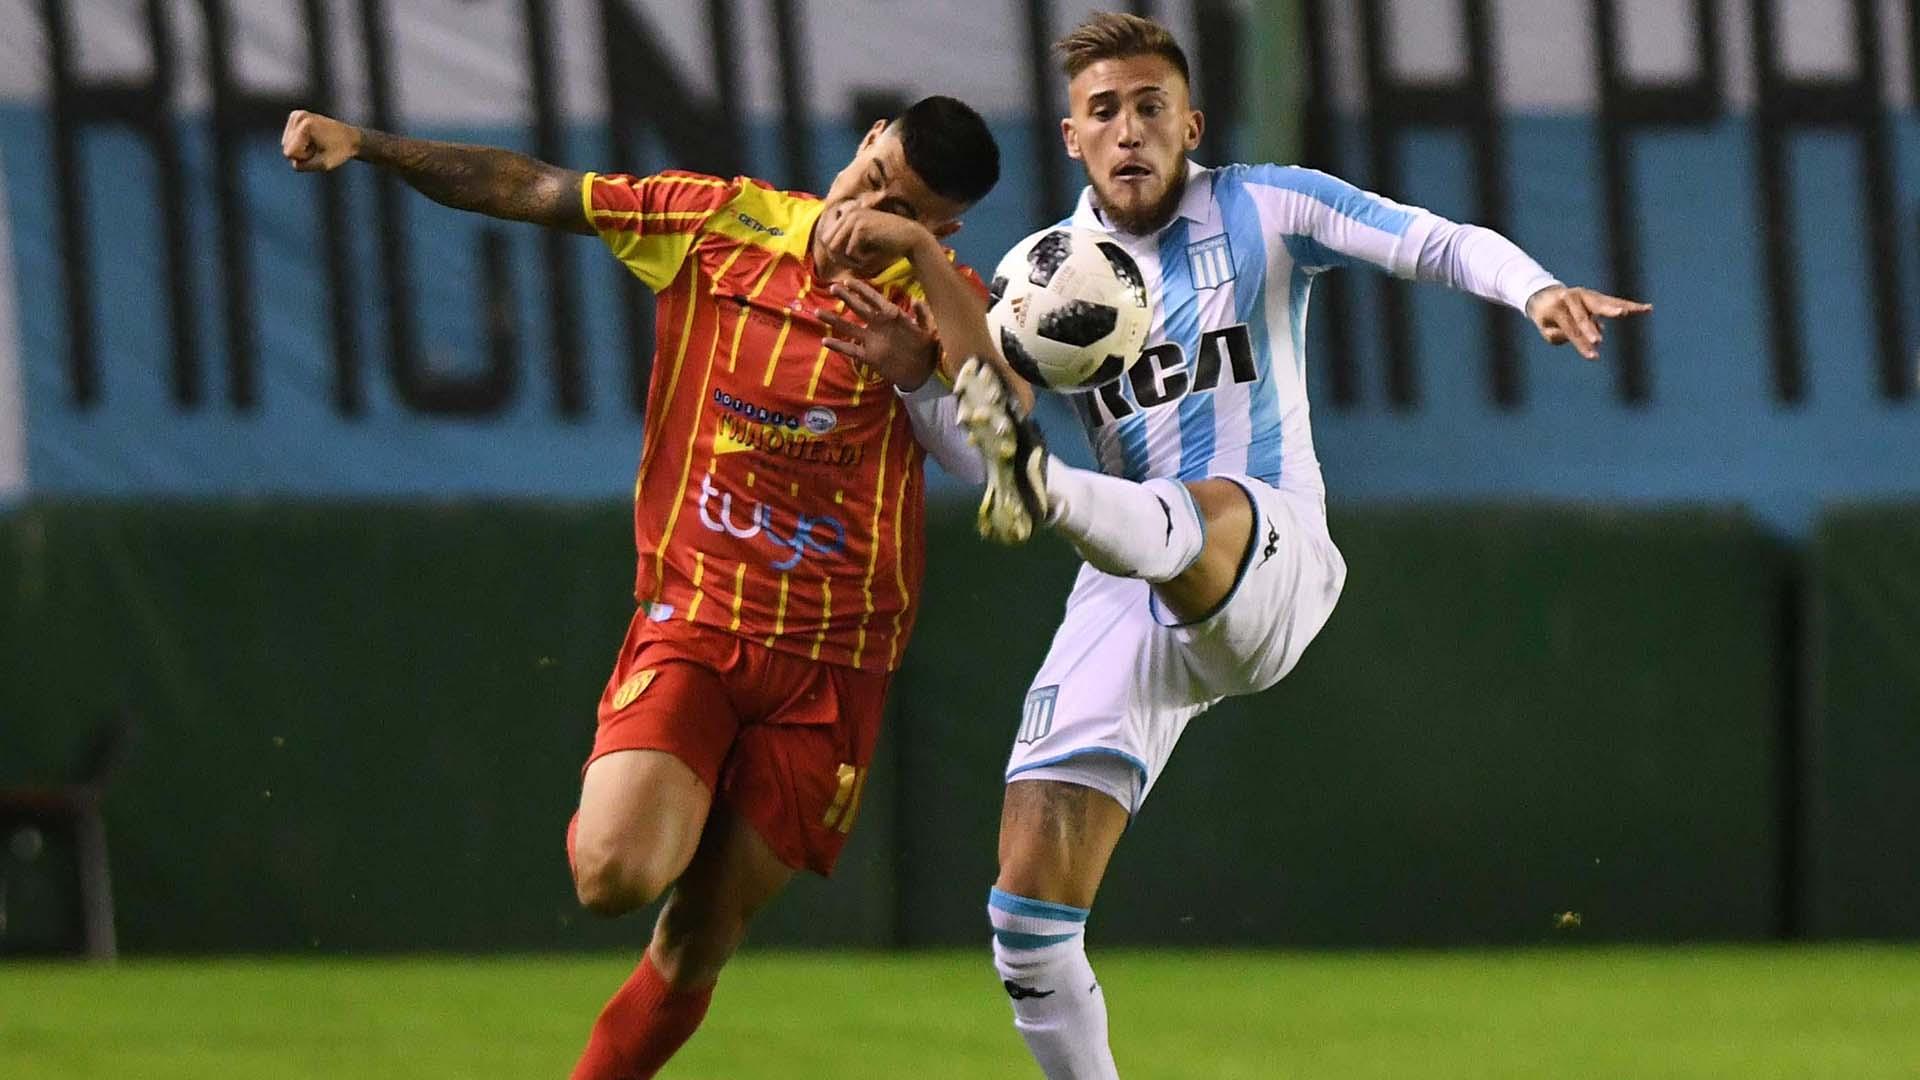 Racing viene de perder con Colón en la última fecha de la Superliga (Foto: Télam)